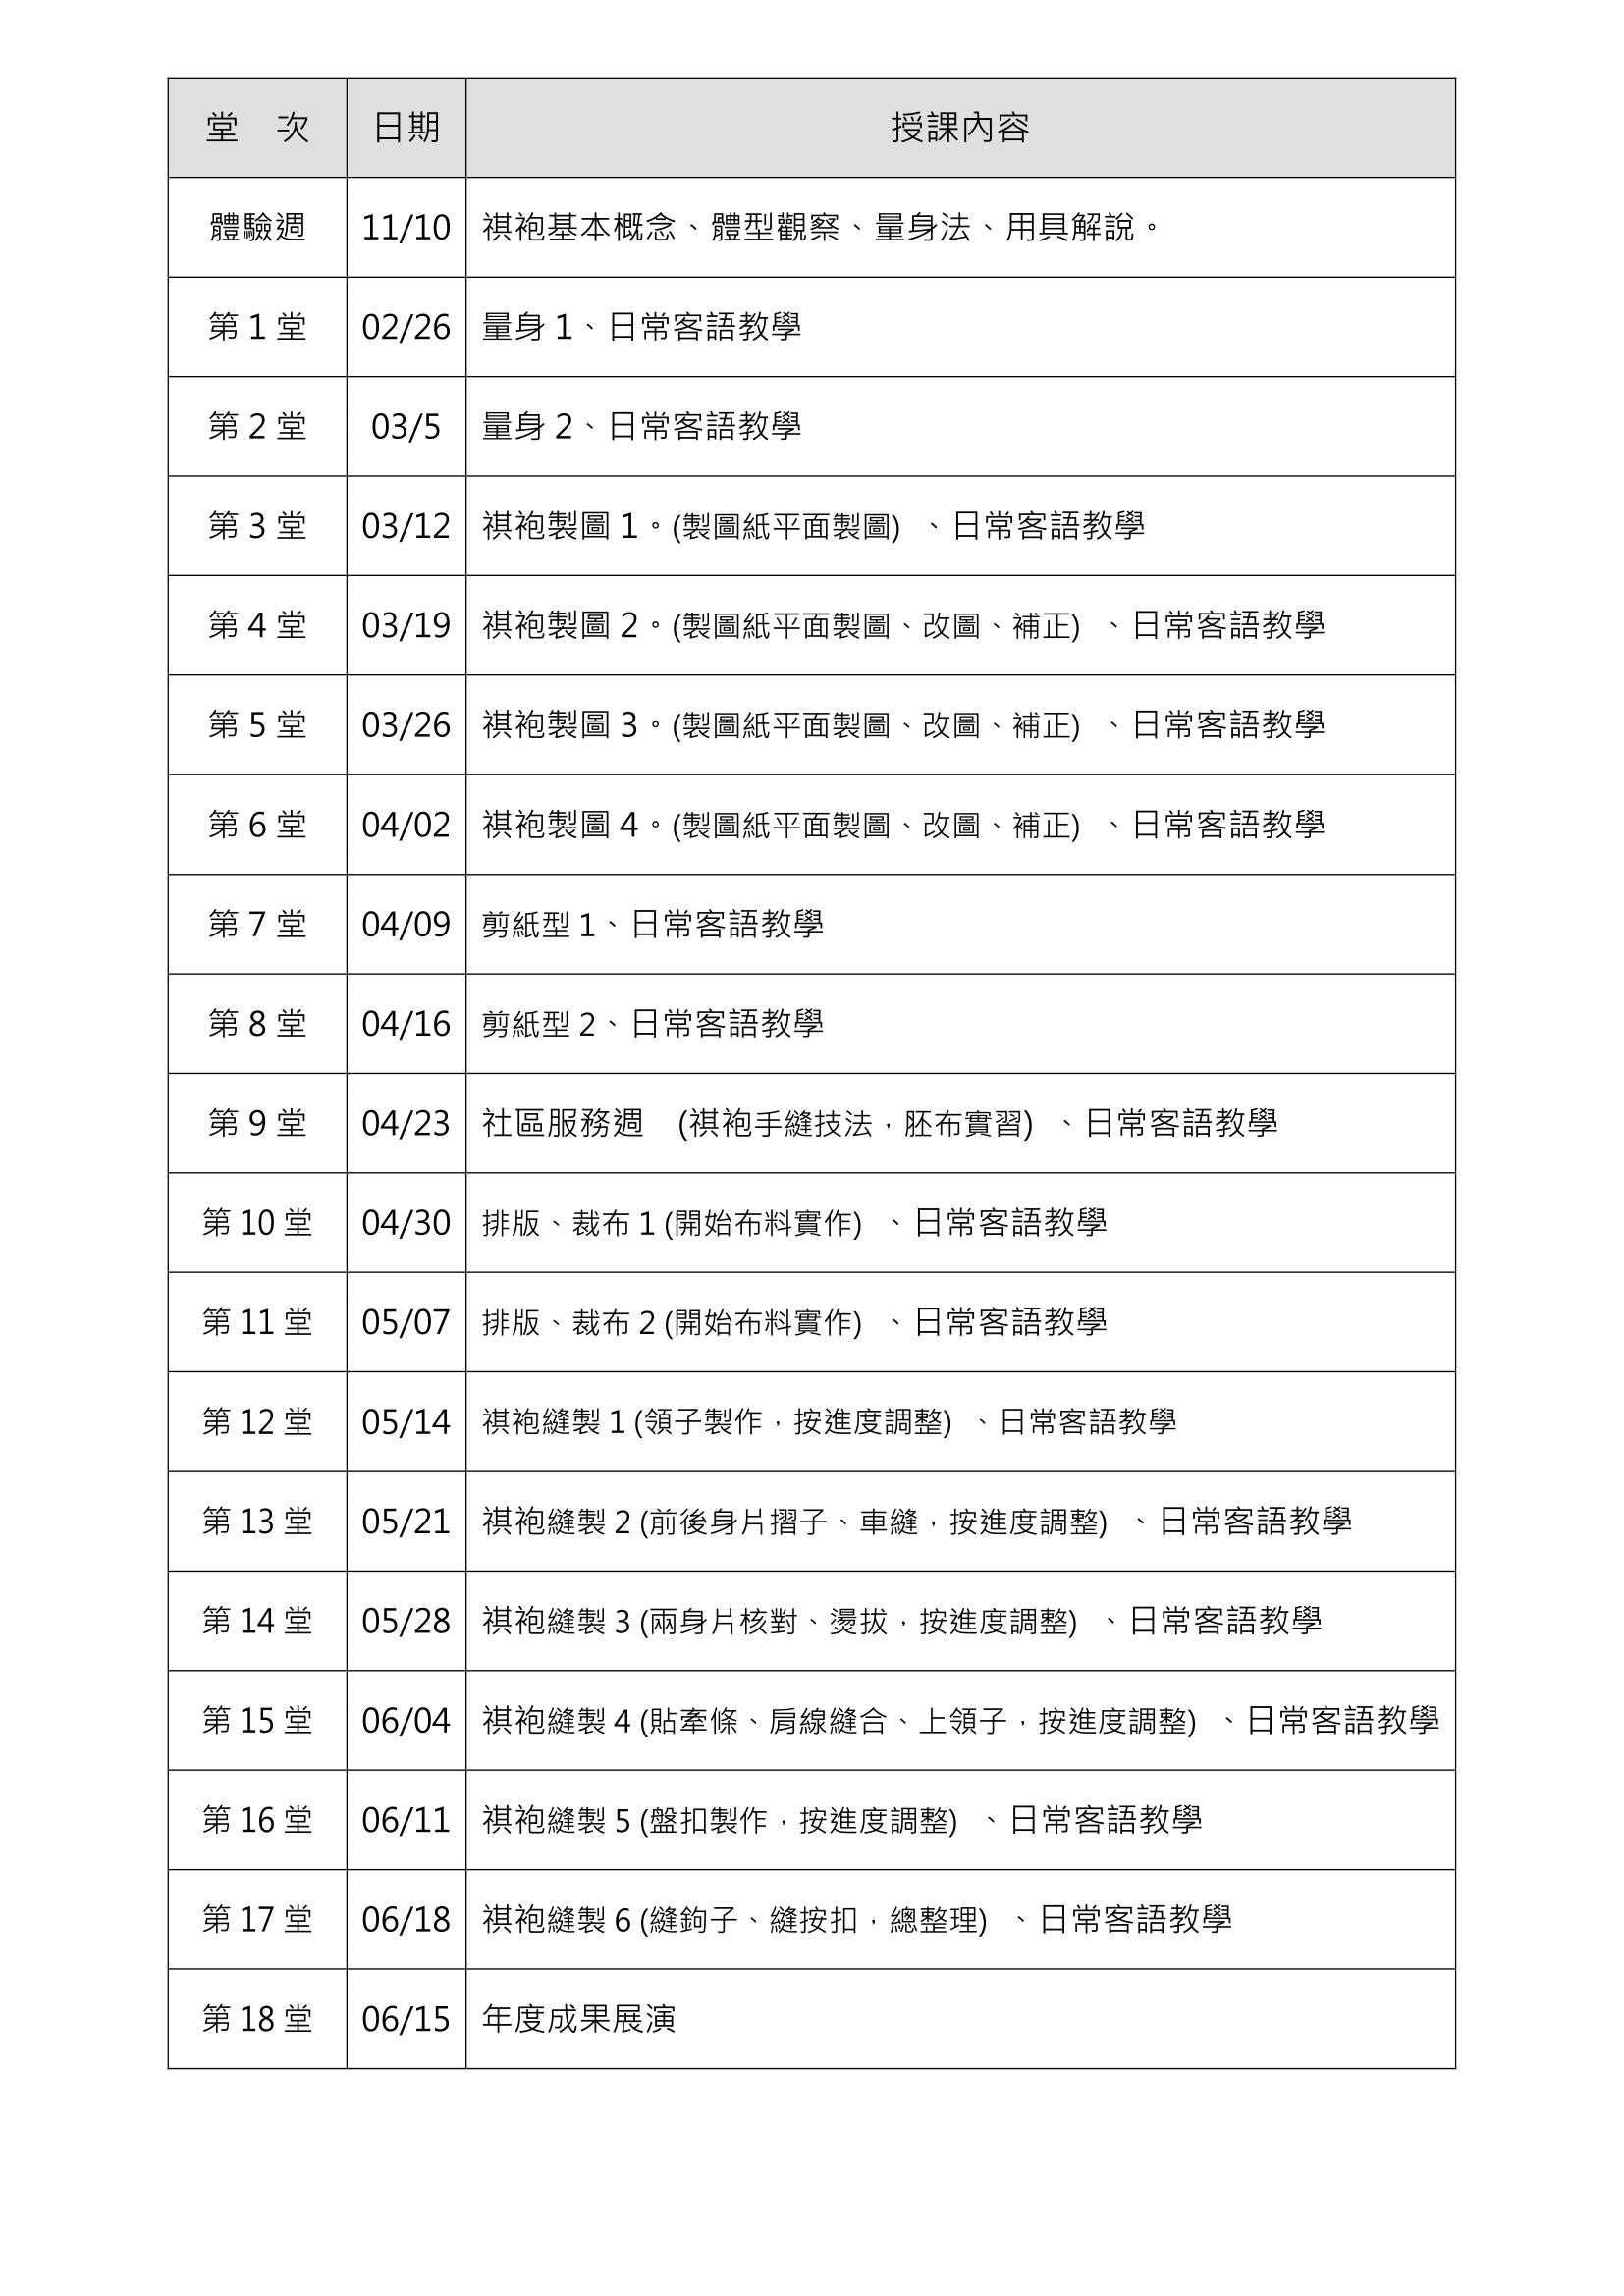 108-1-葉繡鴛-祺袍來做客-課程大綱.png